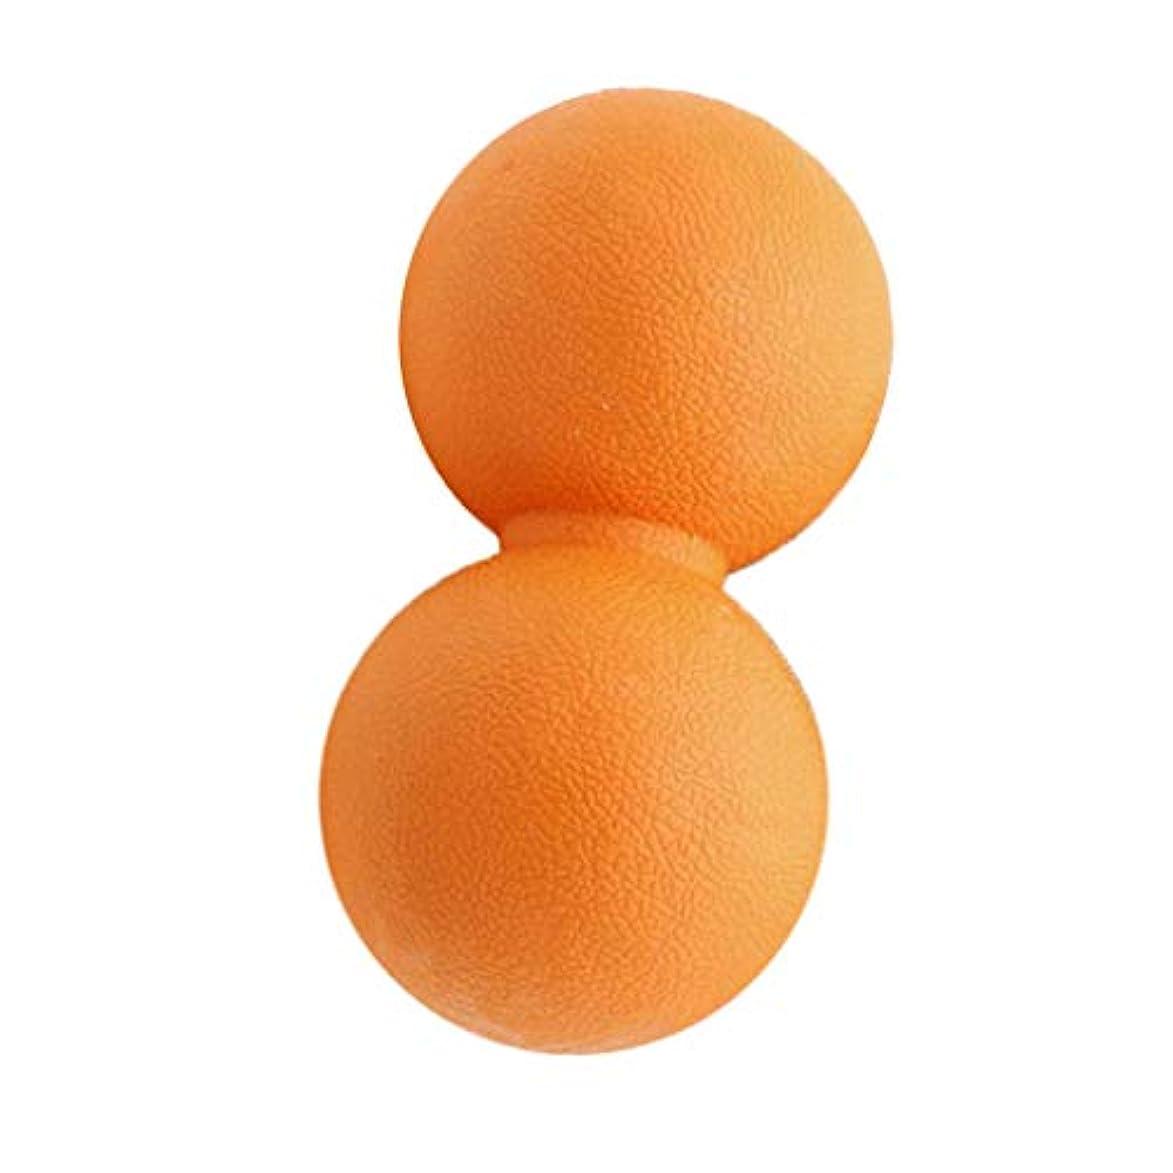 細分化する作り黒板CUTICATE 全2色 マッサージボール ピーナッツ ツボ押しグッズ 疲れ解消ボール 筋膜リリース 筋肉疲労回復 - オレンジ, 13cm